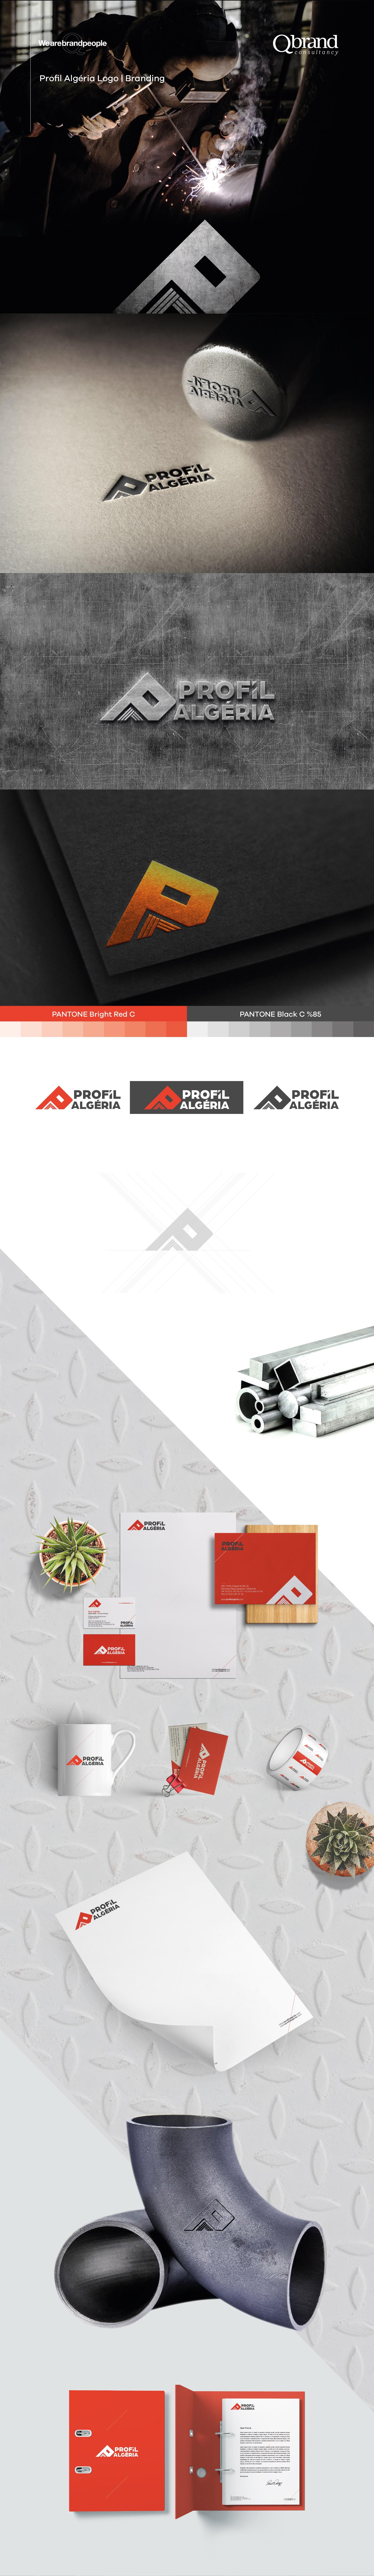 Ankara kurumsal kimlik tasarımı  Profil Algeria